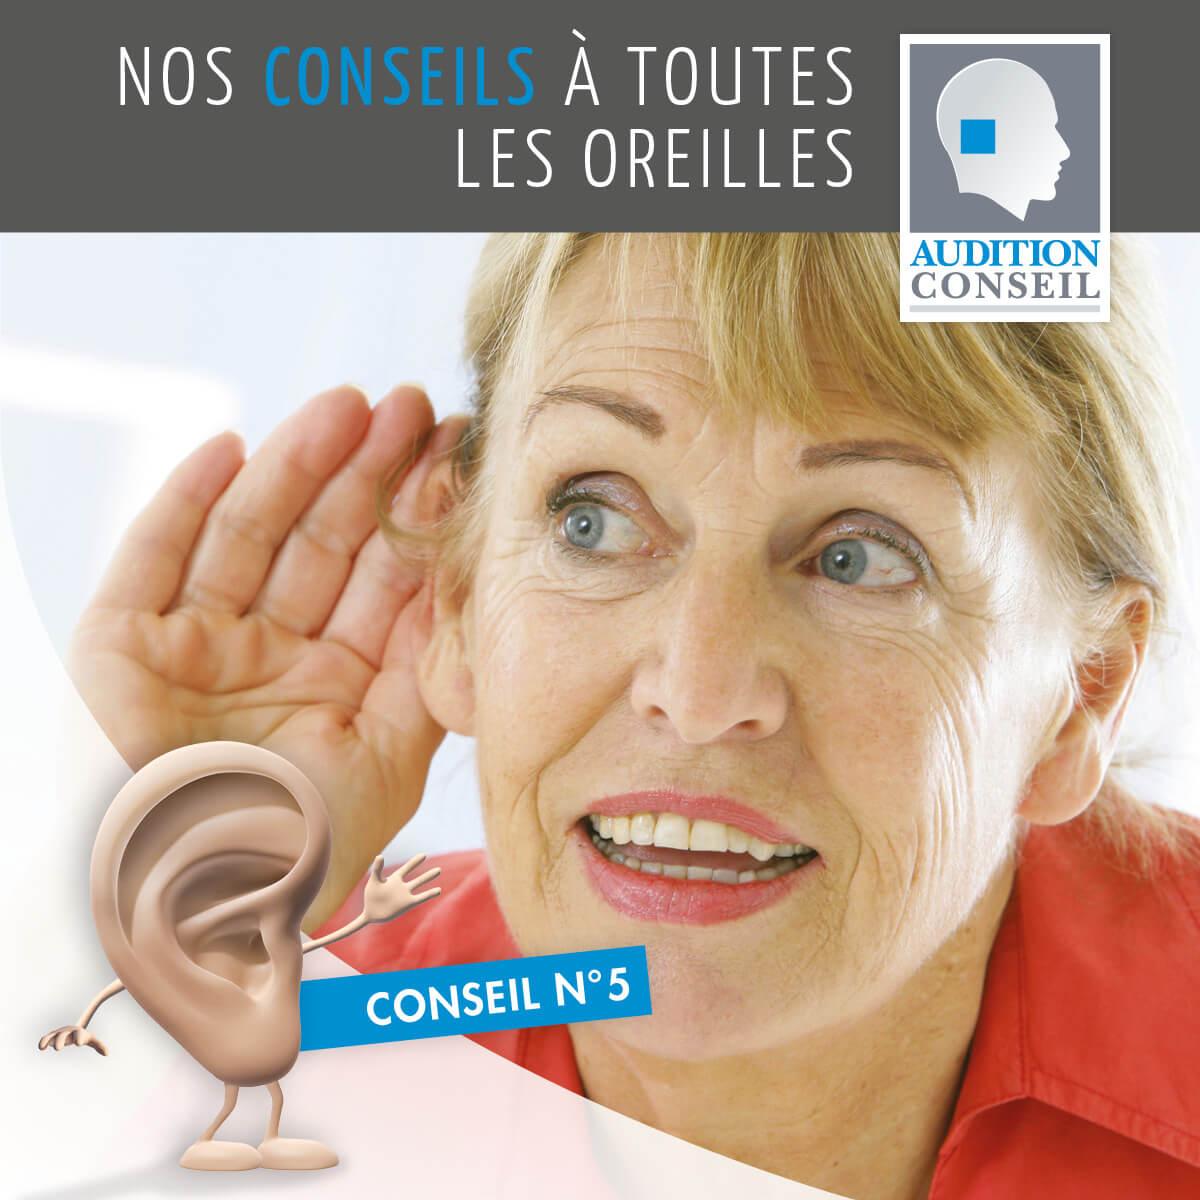 Conseils_a_toutes_les_oreilles_5